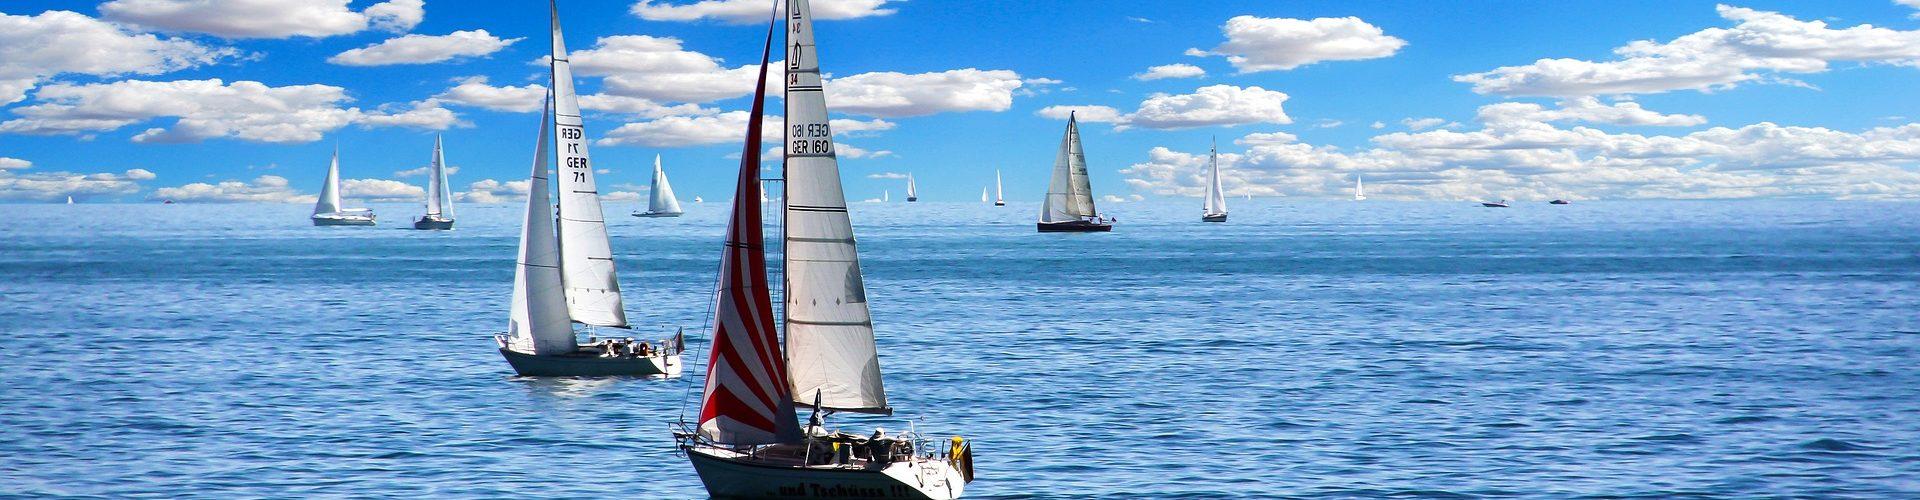 segeln lernen in Raubling segelschein machen in Raubling 1920x500 - Segeln lernen in Raubling